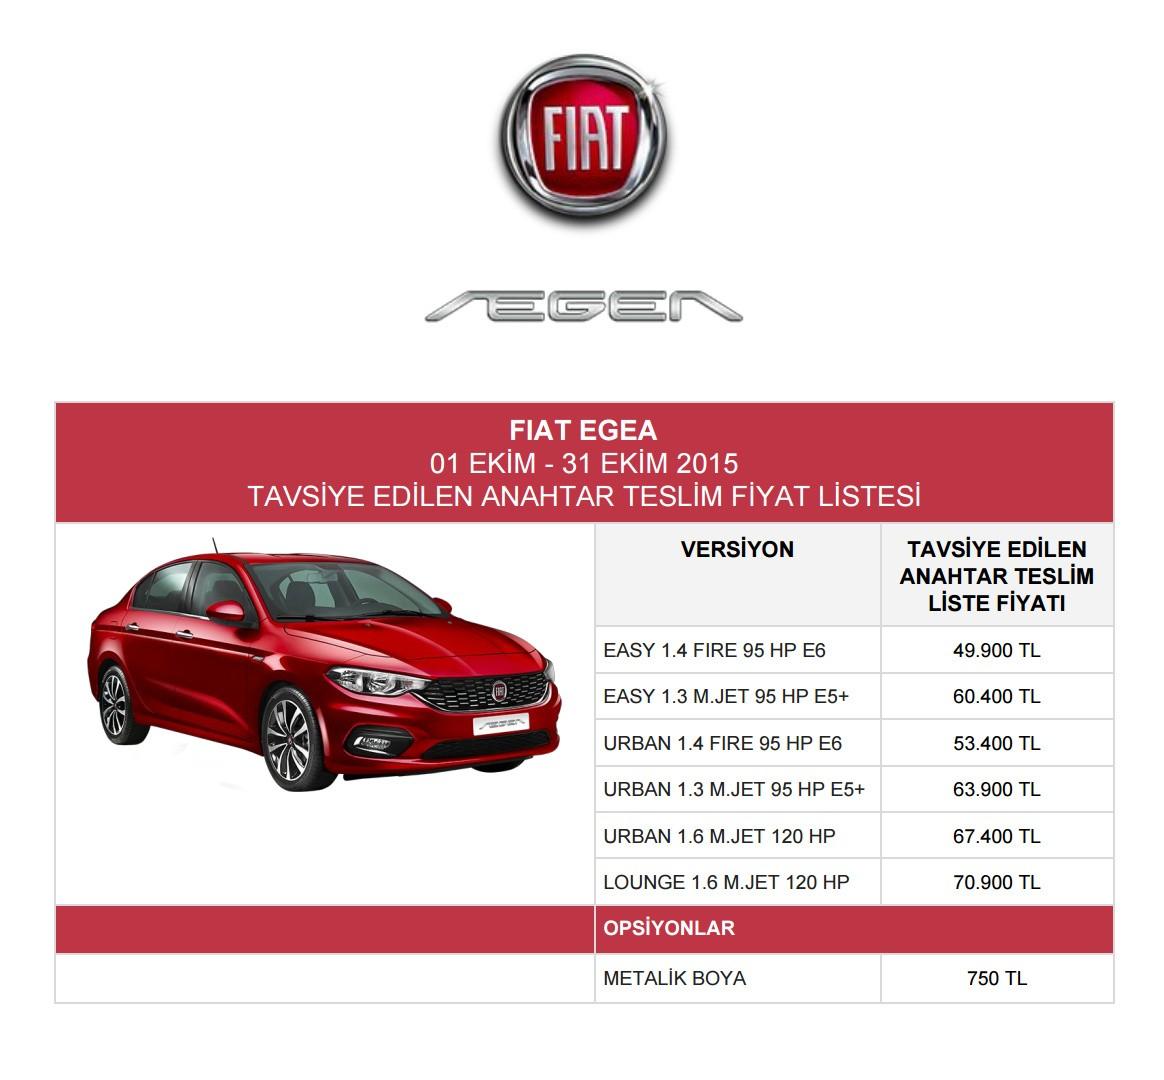 Yeni-Fiat-Egea-fiyat-listesi-13-10-2015.jpg